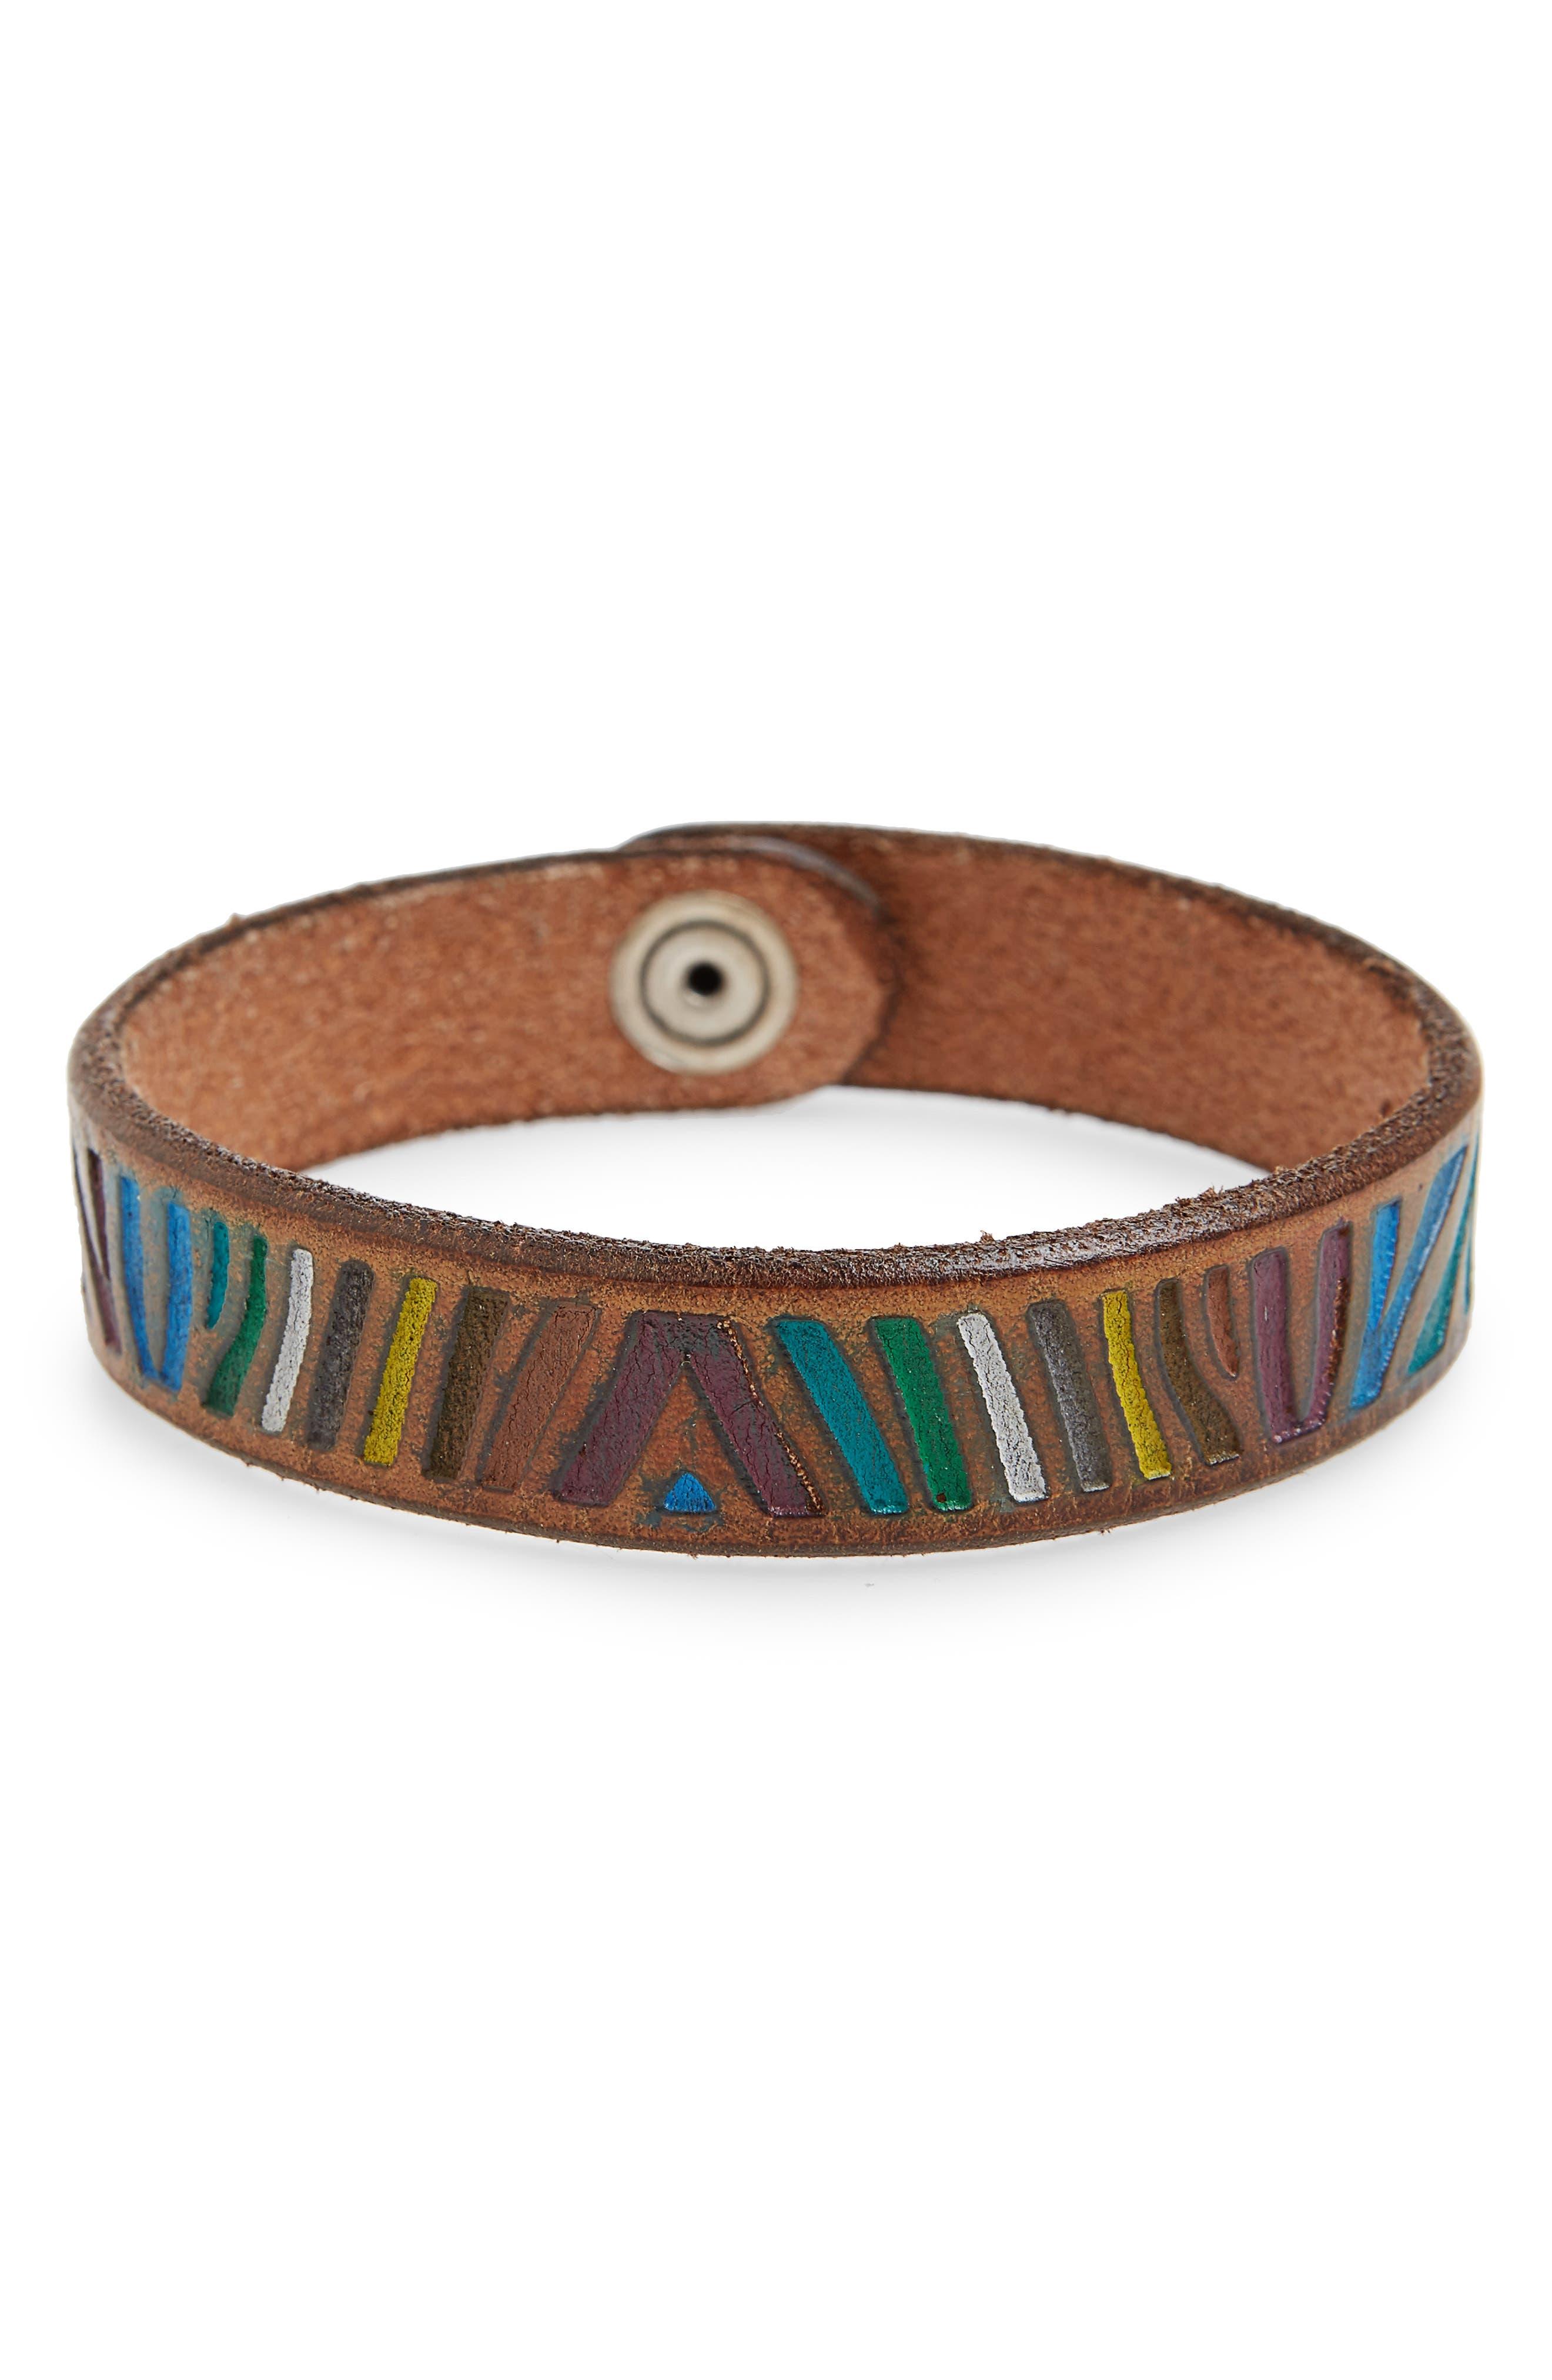 Zebra Leather Bracelet,                             Main thumbnail 1, color,                             Unique